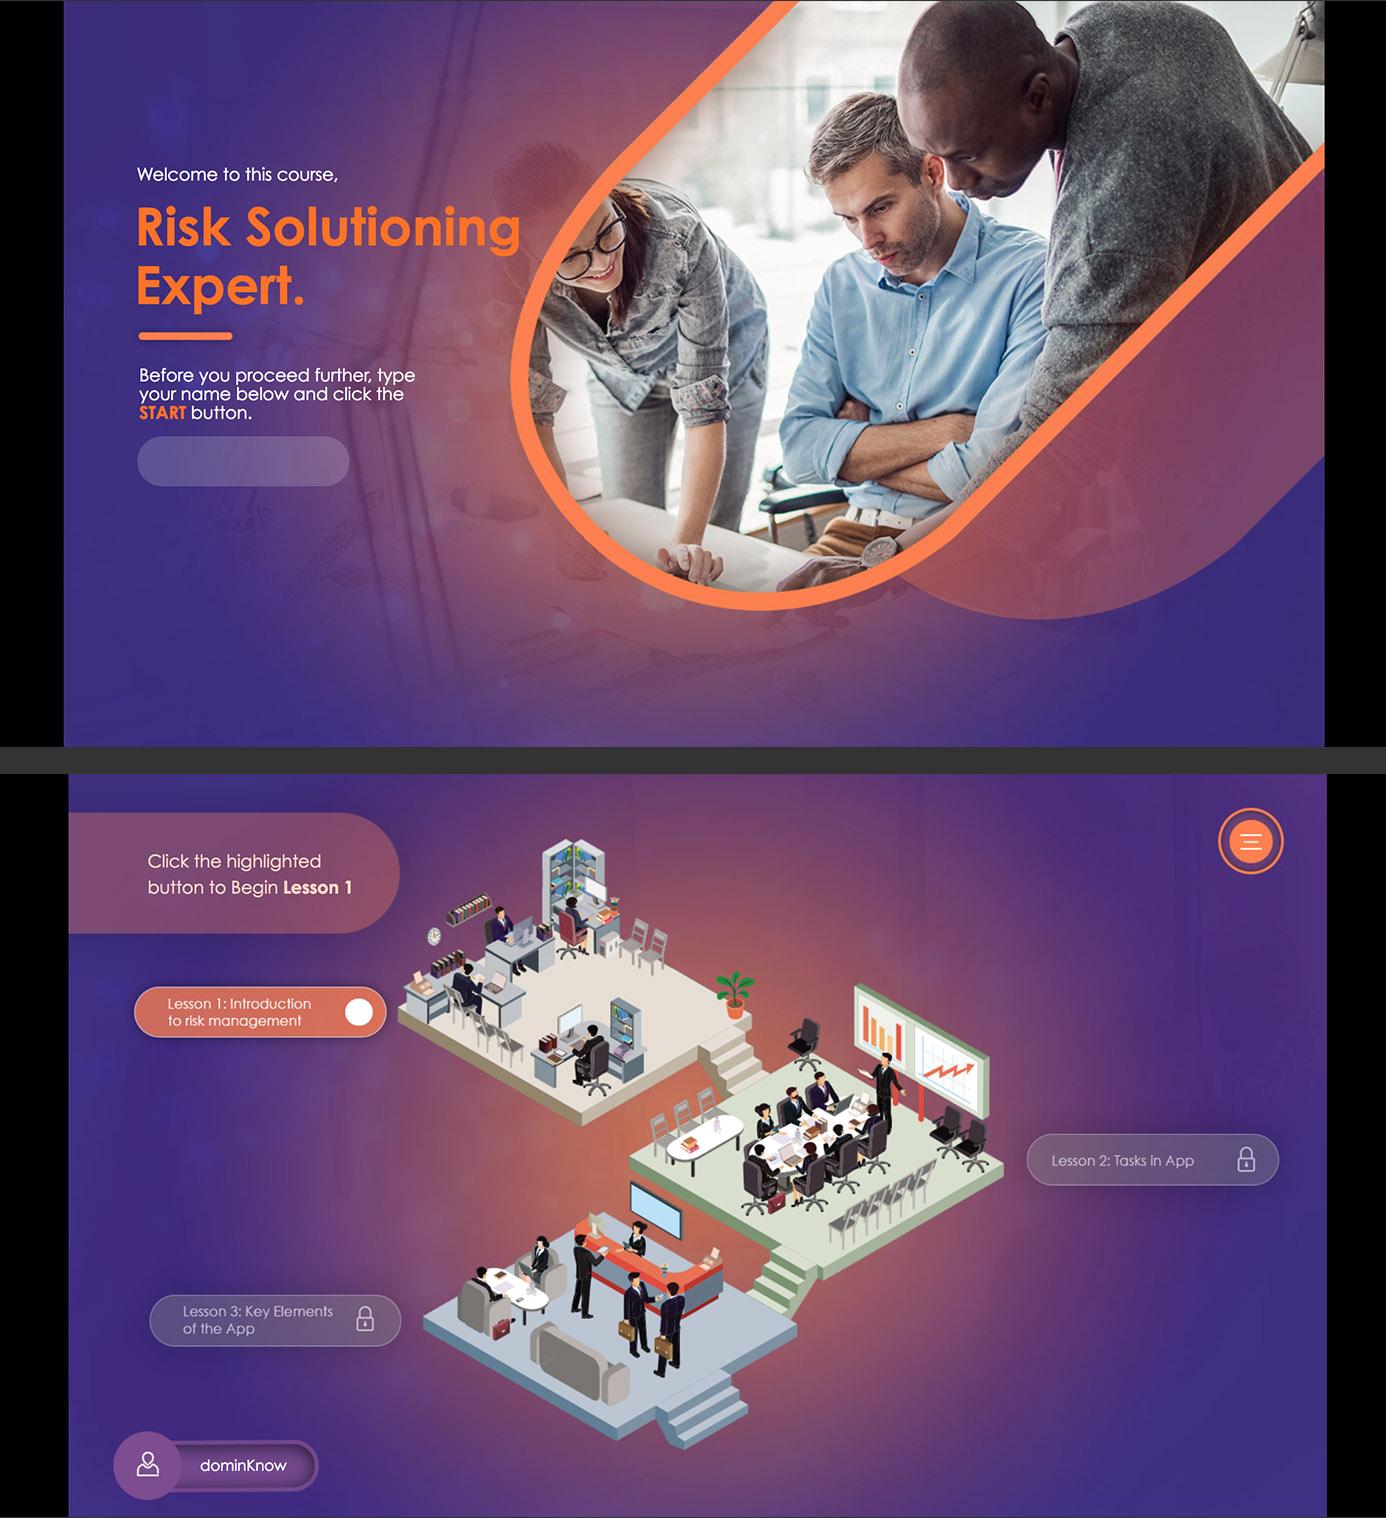 Risk Solutioning Expert screenshot